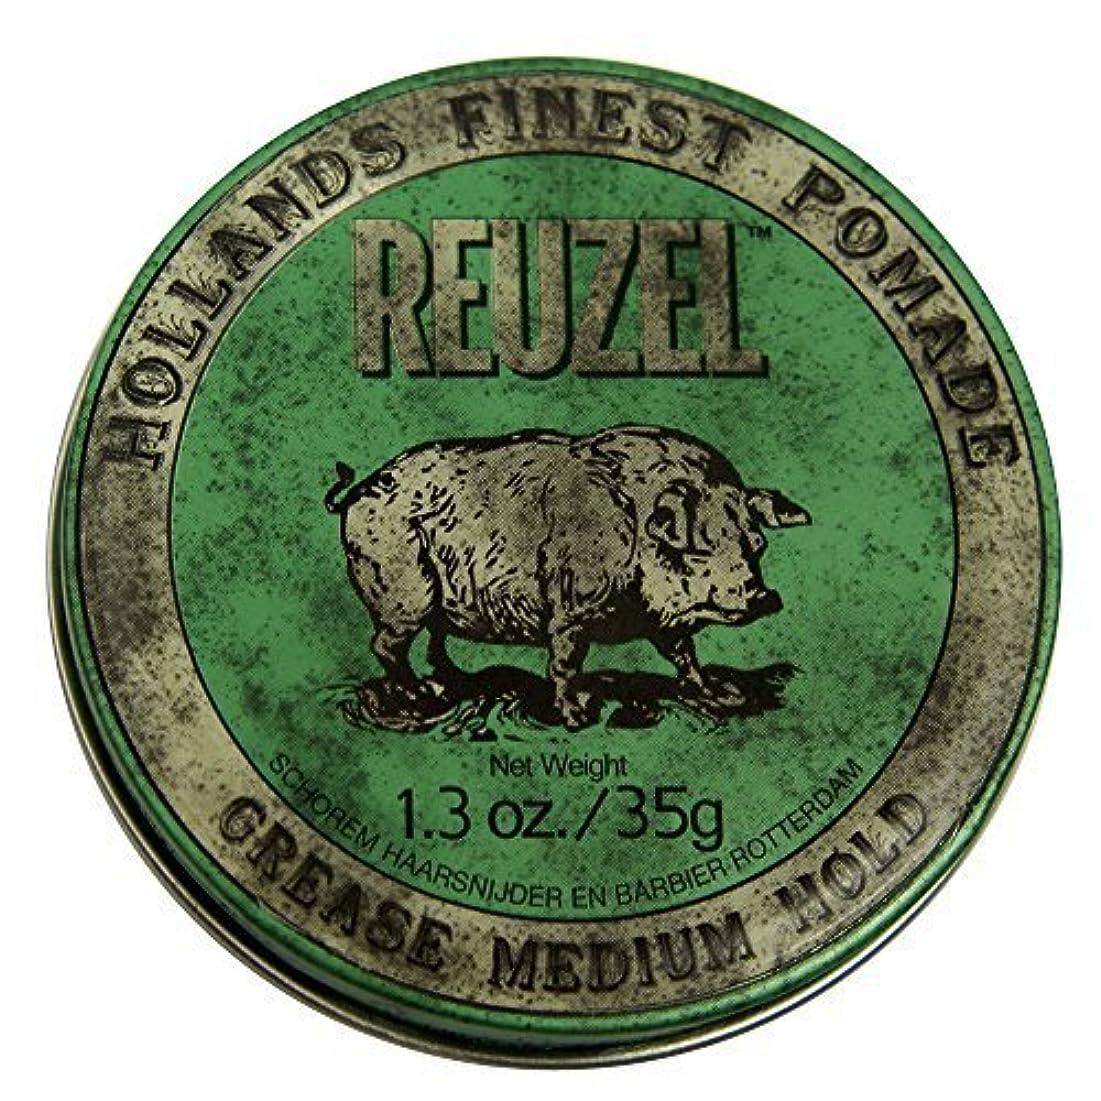 オーバードロー高価な検索エンジンマーケティングby Reuzel Reuzel Green Grease Medium Hold Hair Styling Pomade Piglet 1.3oz (35g) Wax/Gel [並行輸入品]